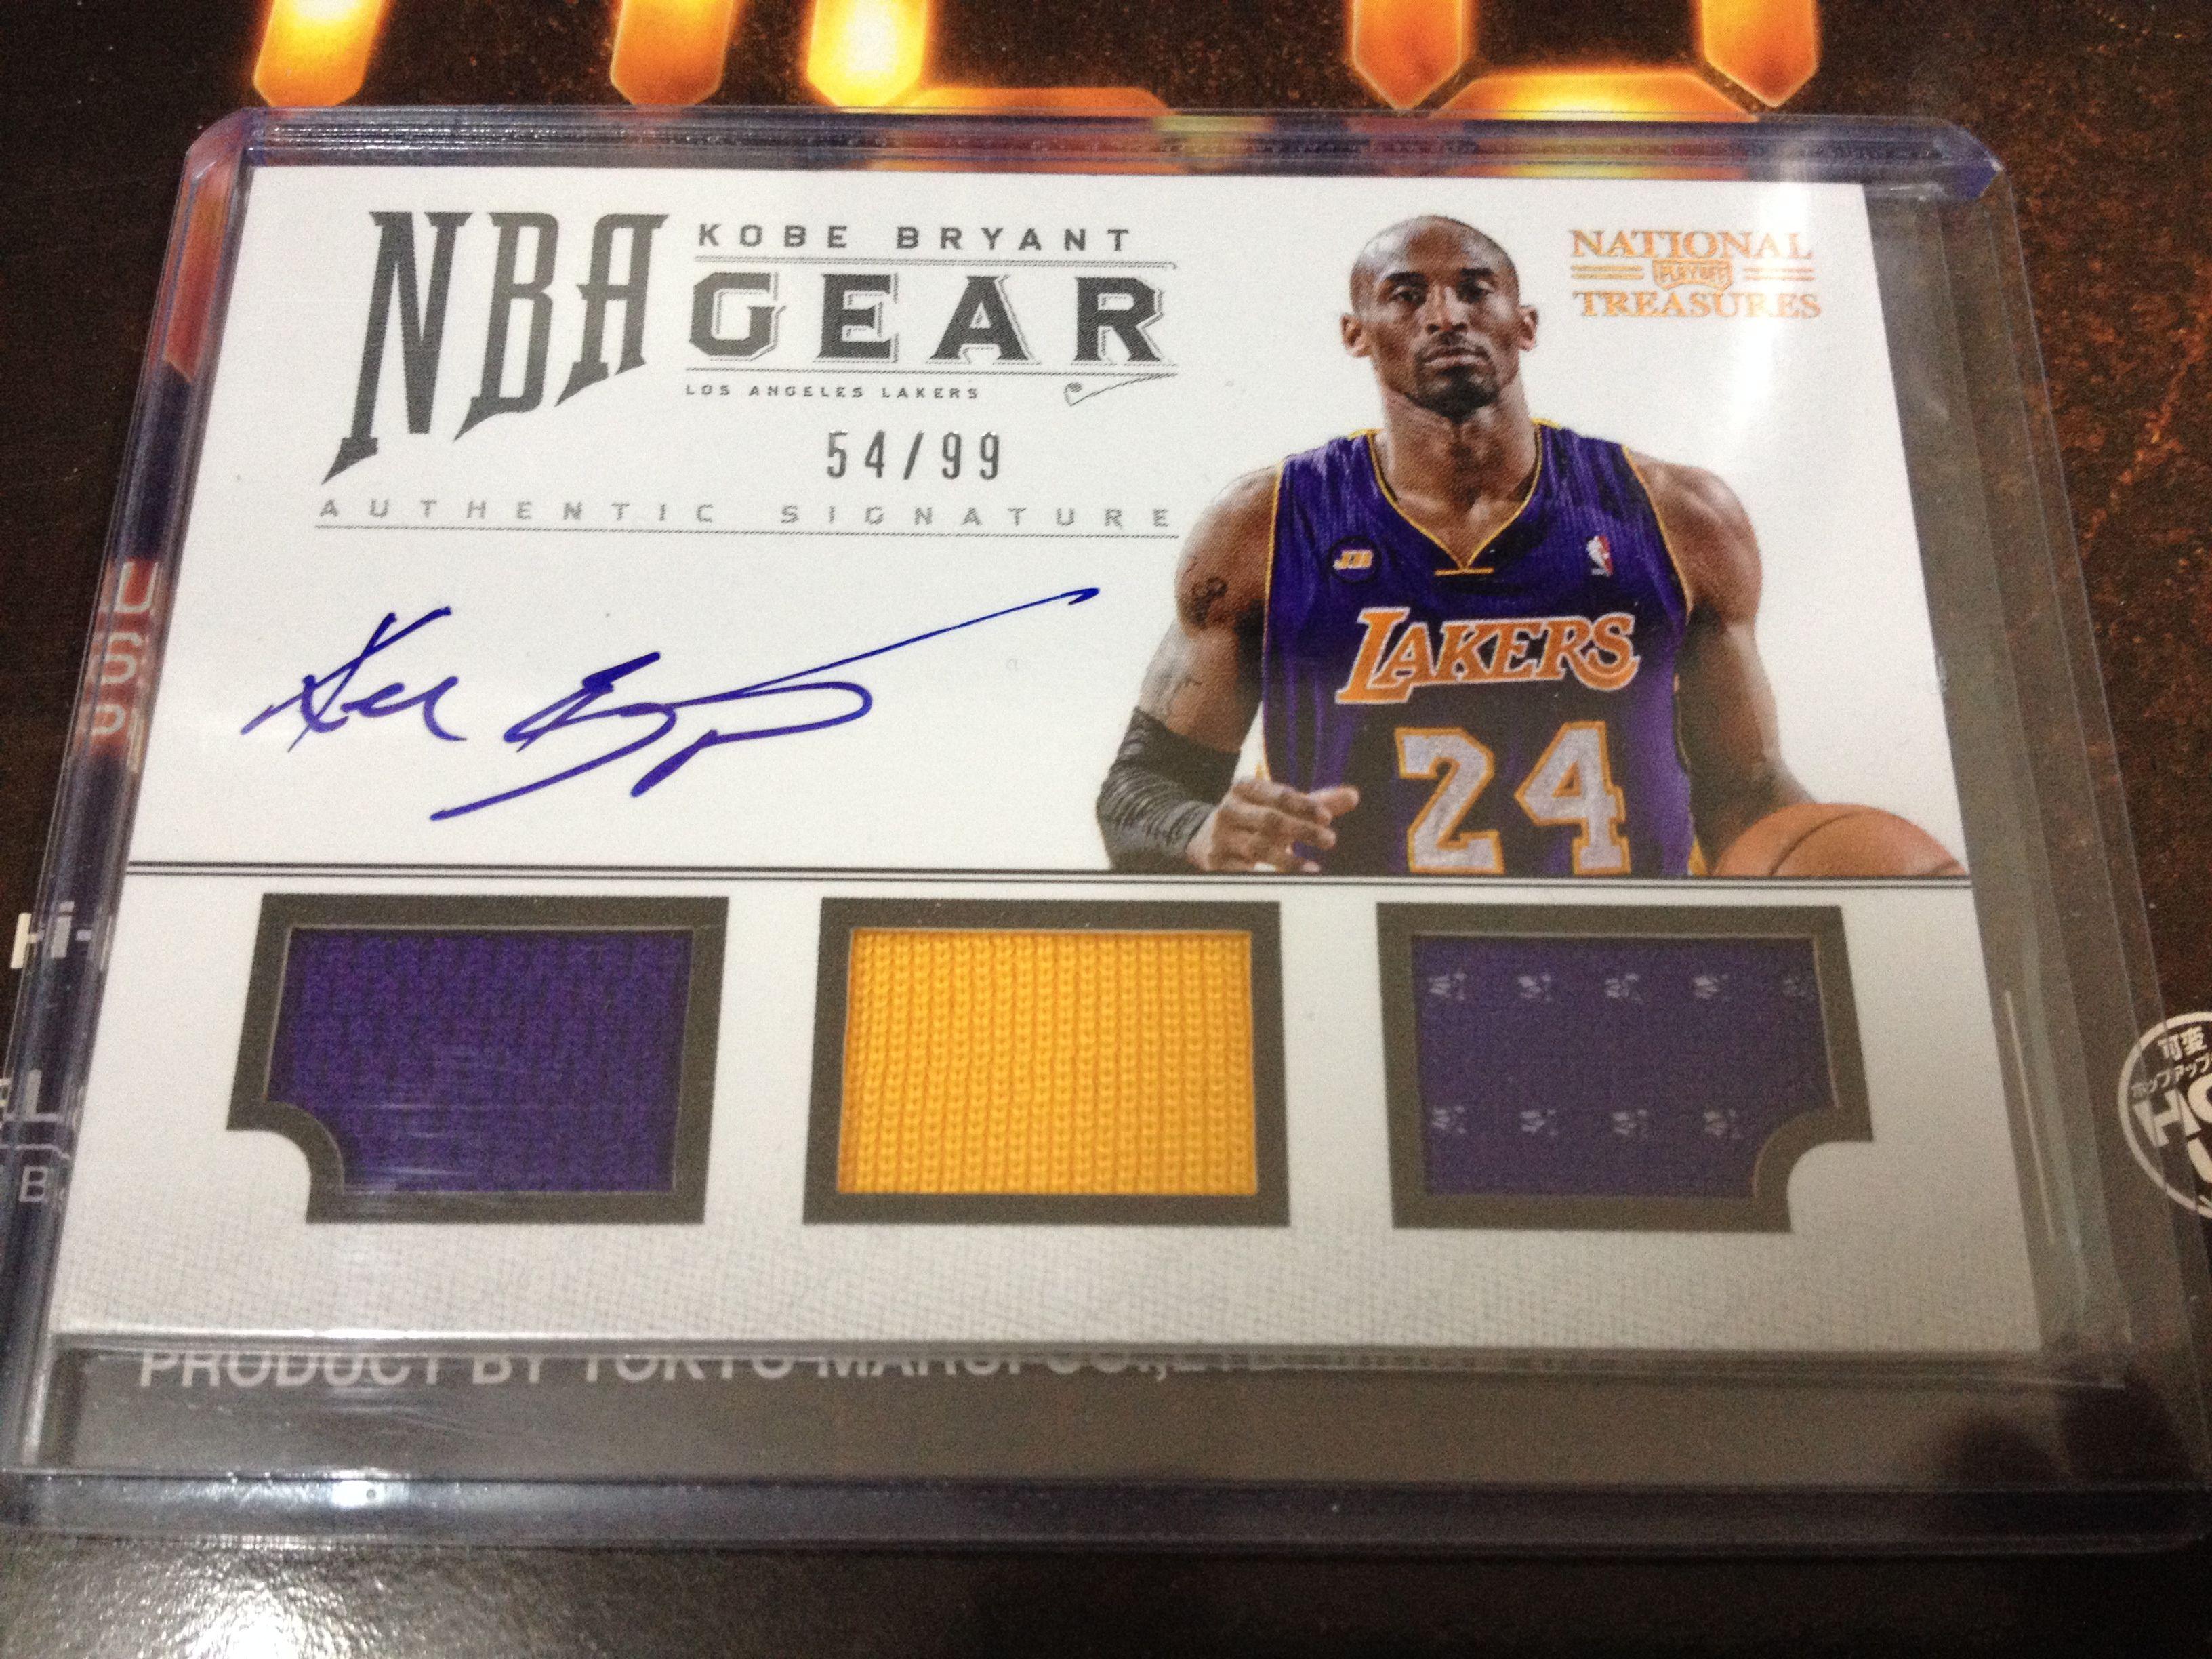 926cf0edefd NBA Gear Kobe Bryant Triple Jersey Card.